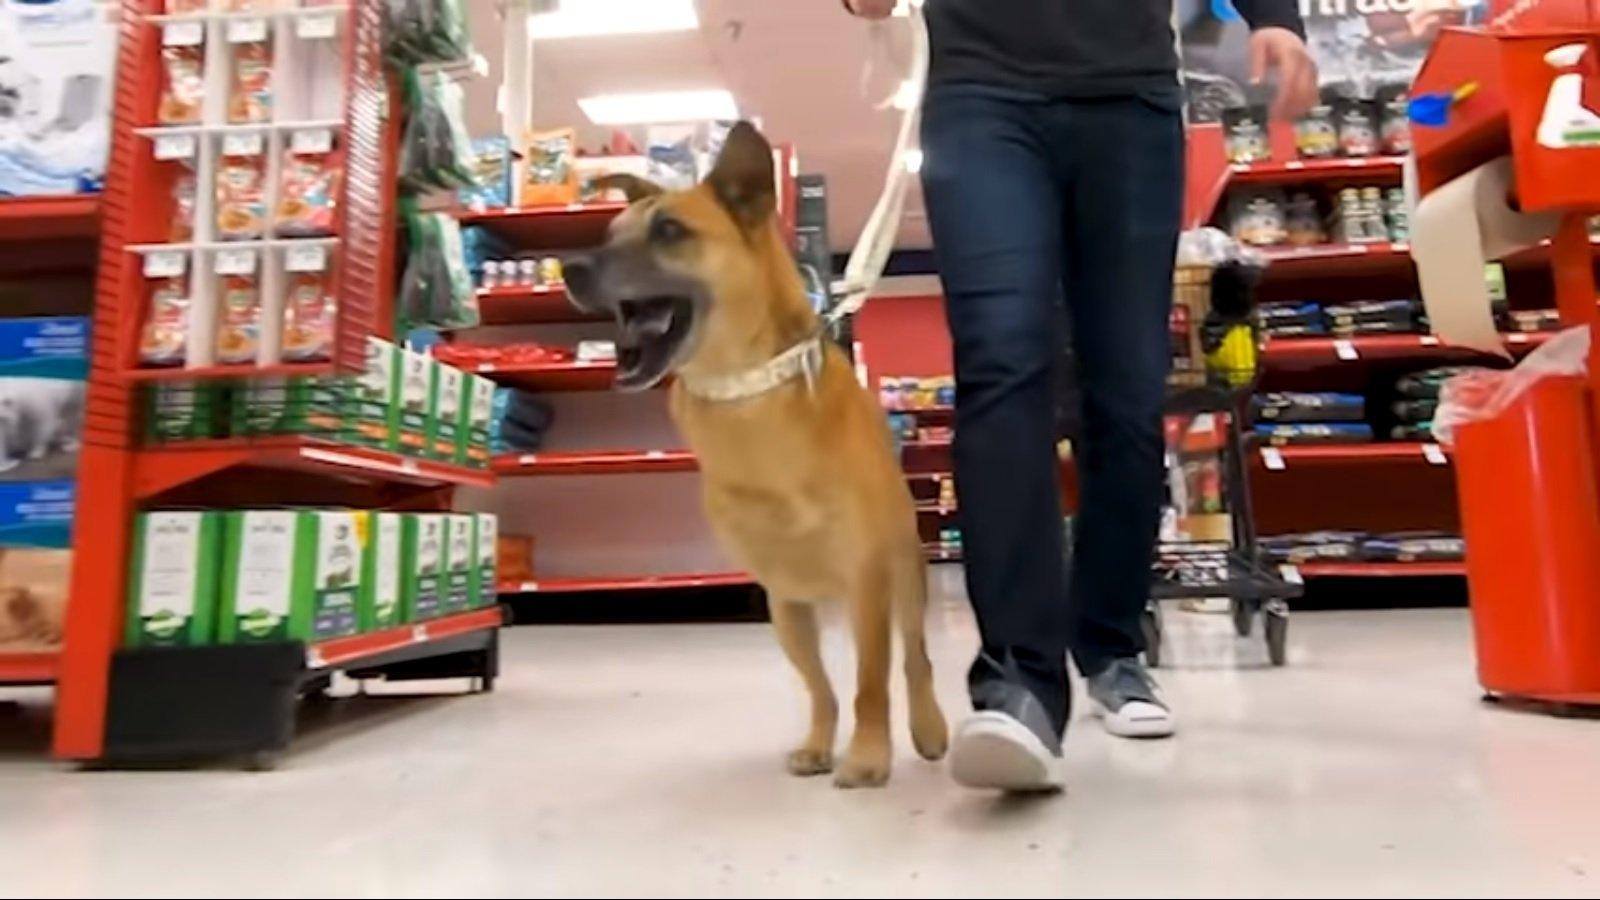 King camina emocionado con sus tres patas por la tienda de mascotas. Fuente: YouTube / Bam Bi